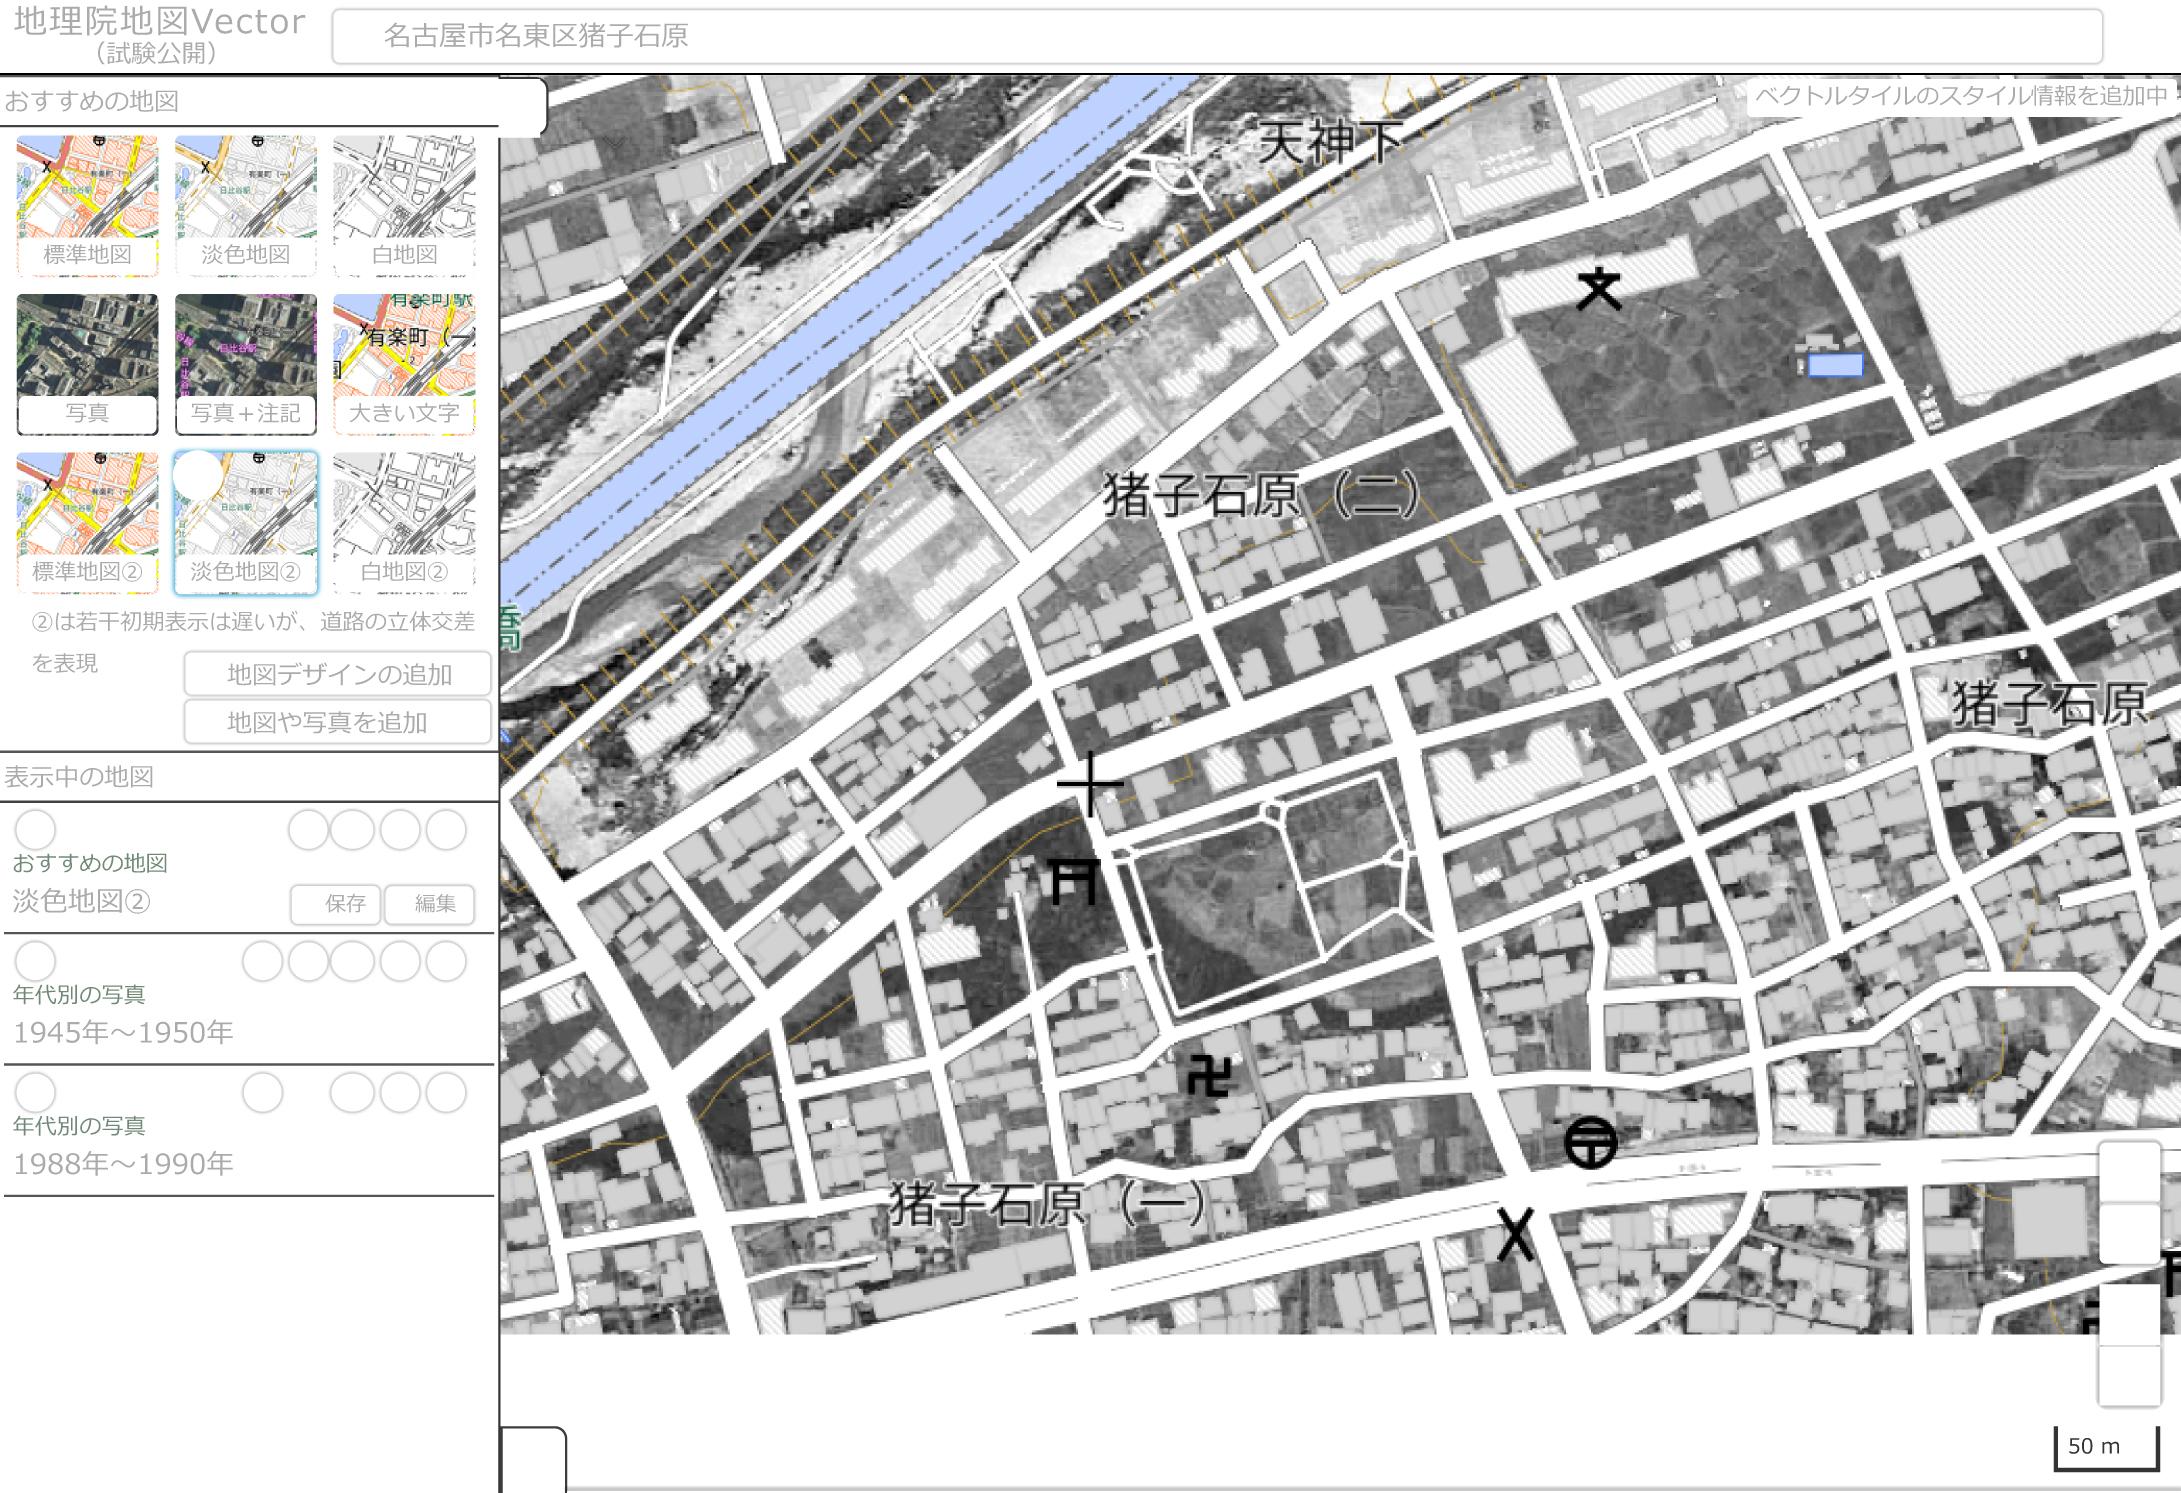 地理院地図Vector|国土地理院地図+写真